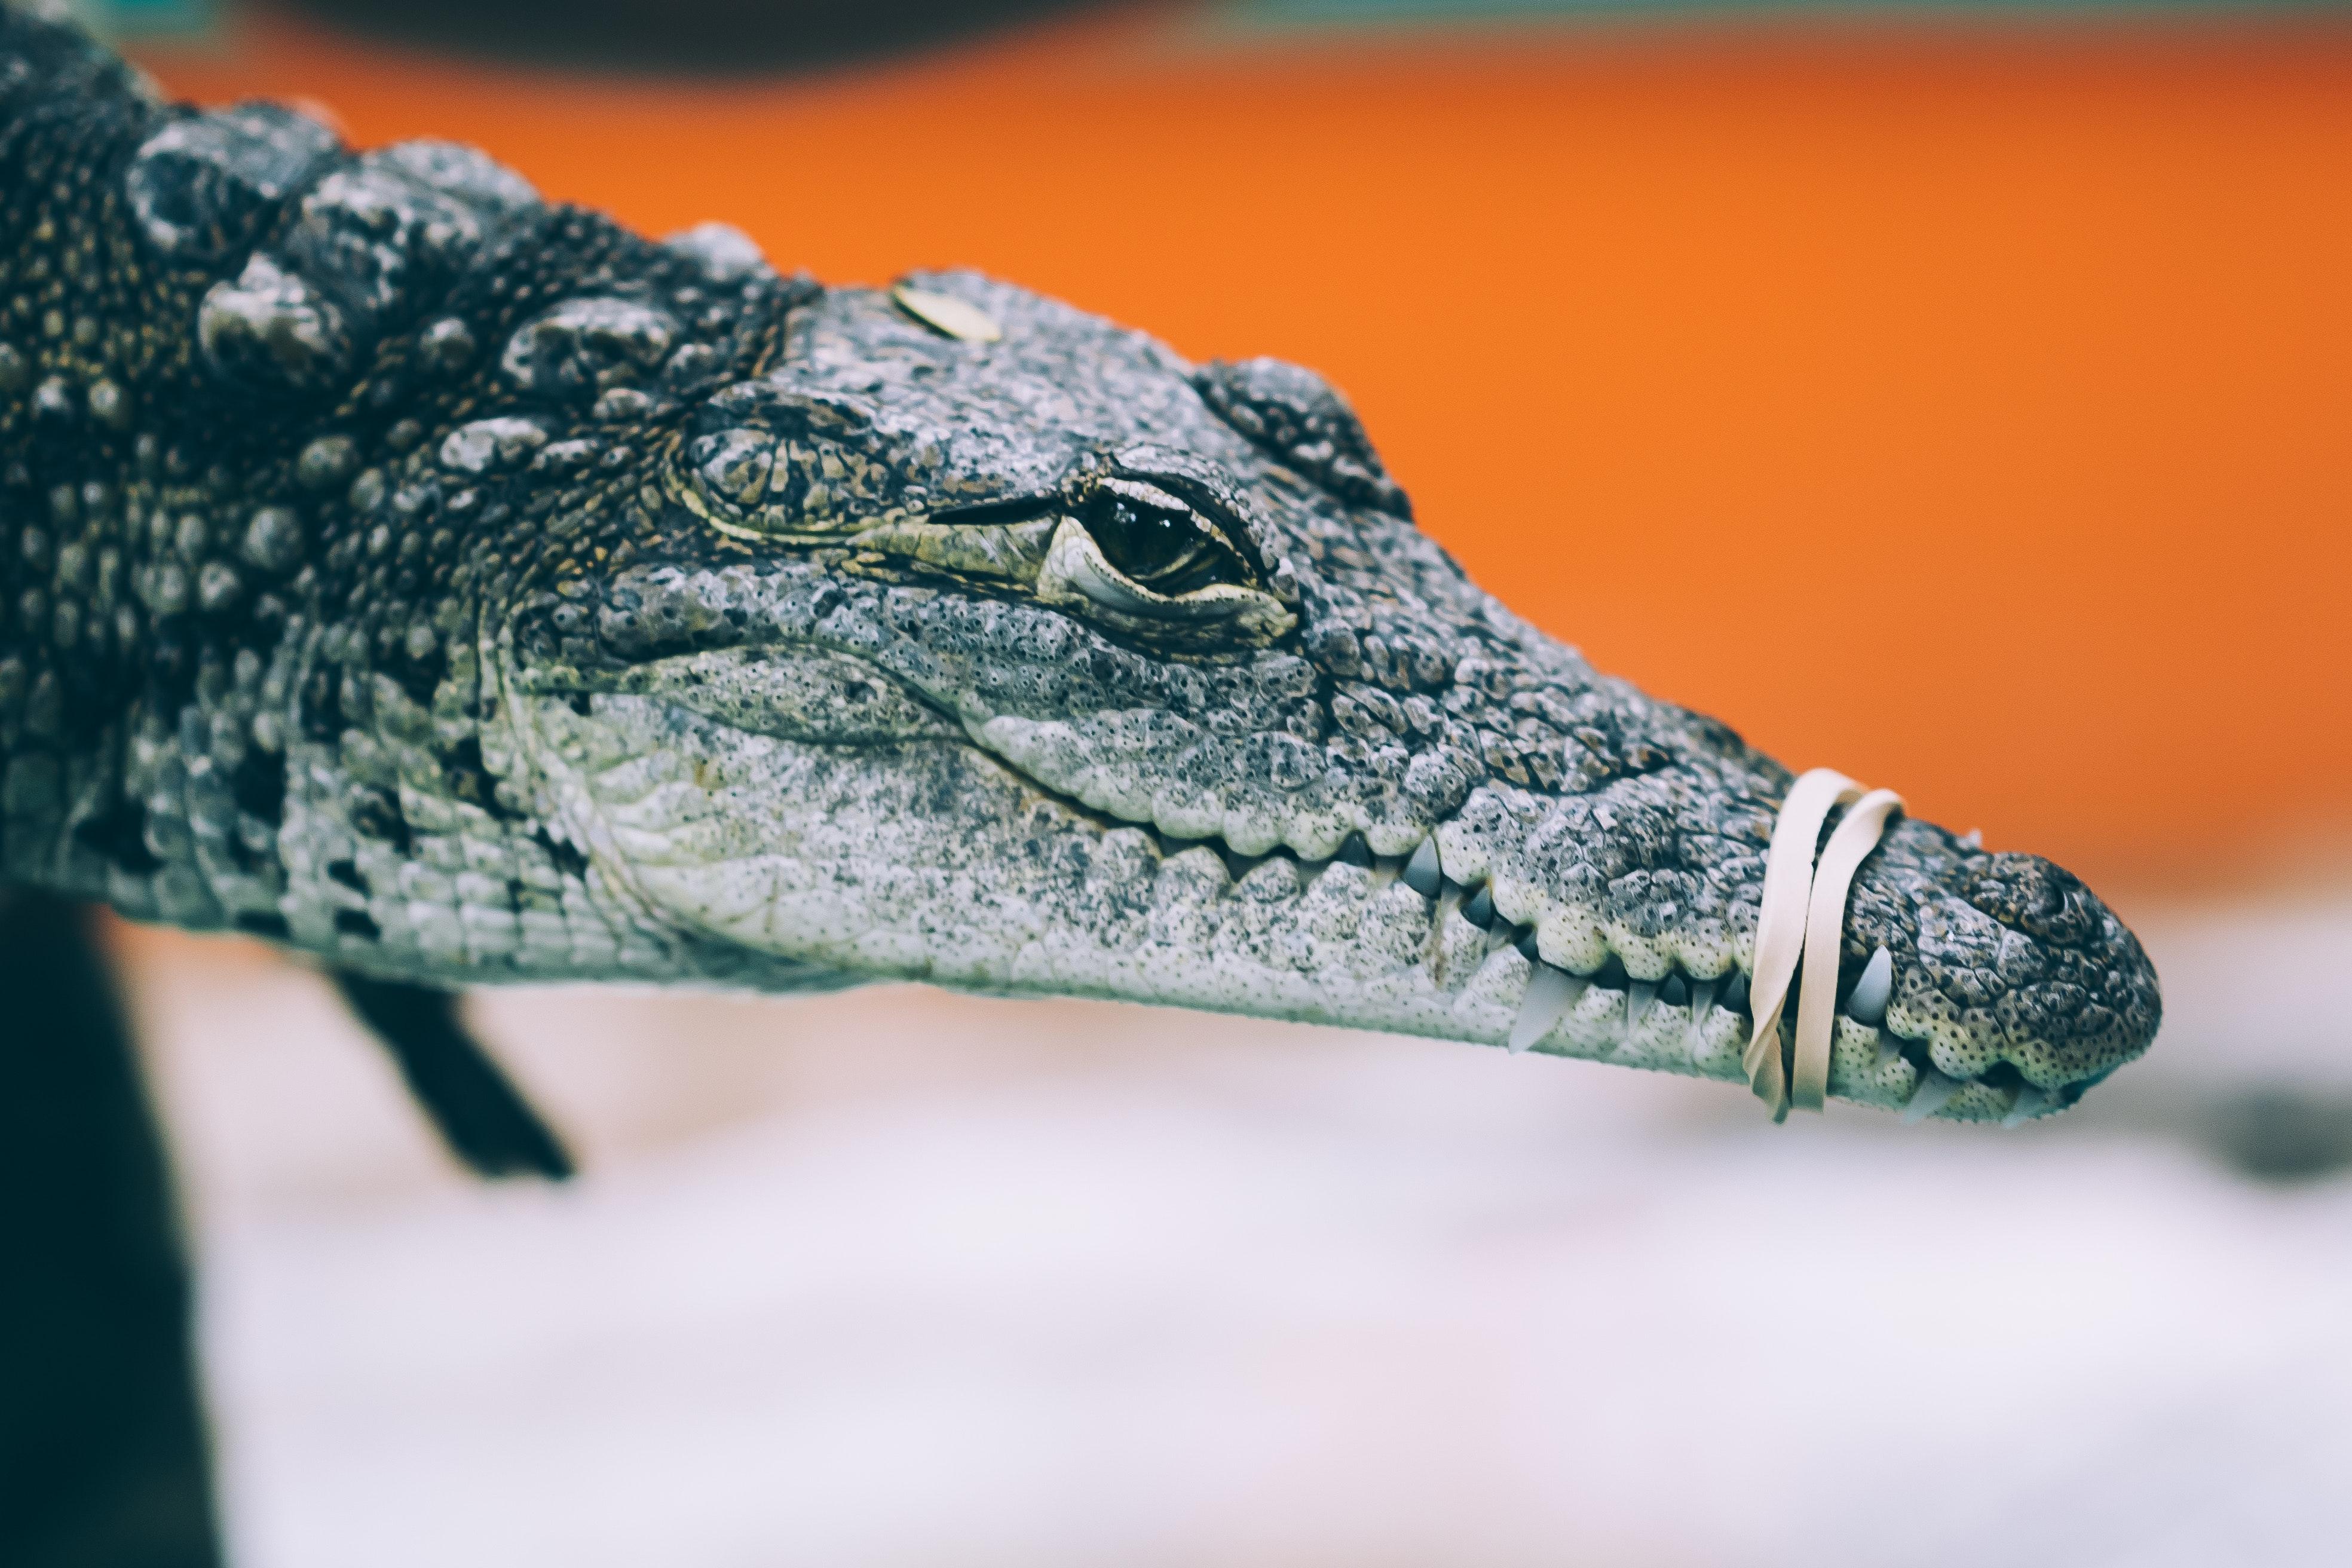 рукой чем отличается крокодил от аллигатора фото задачи